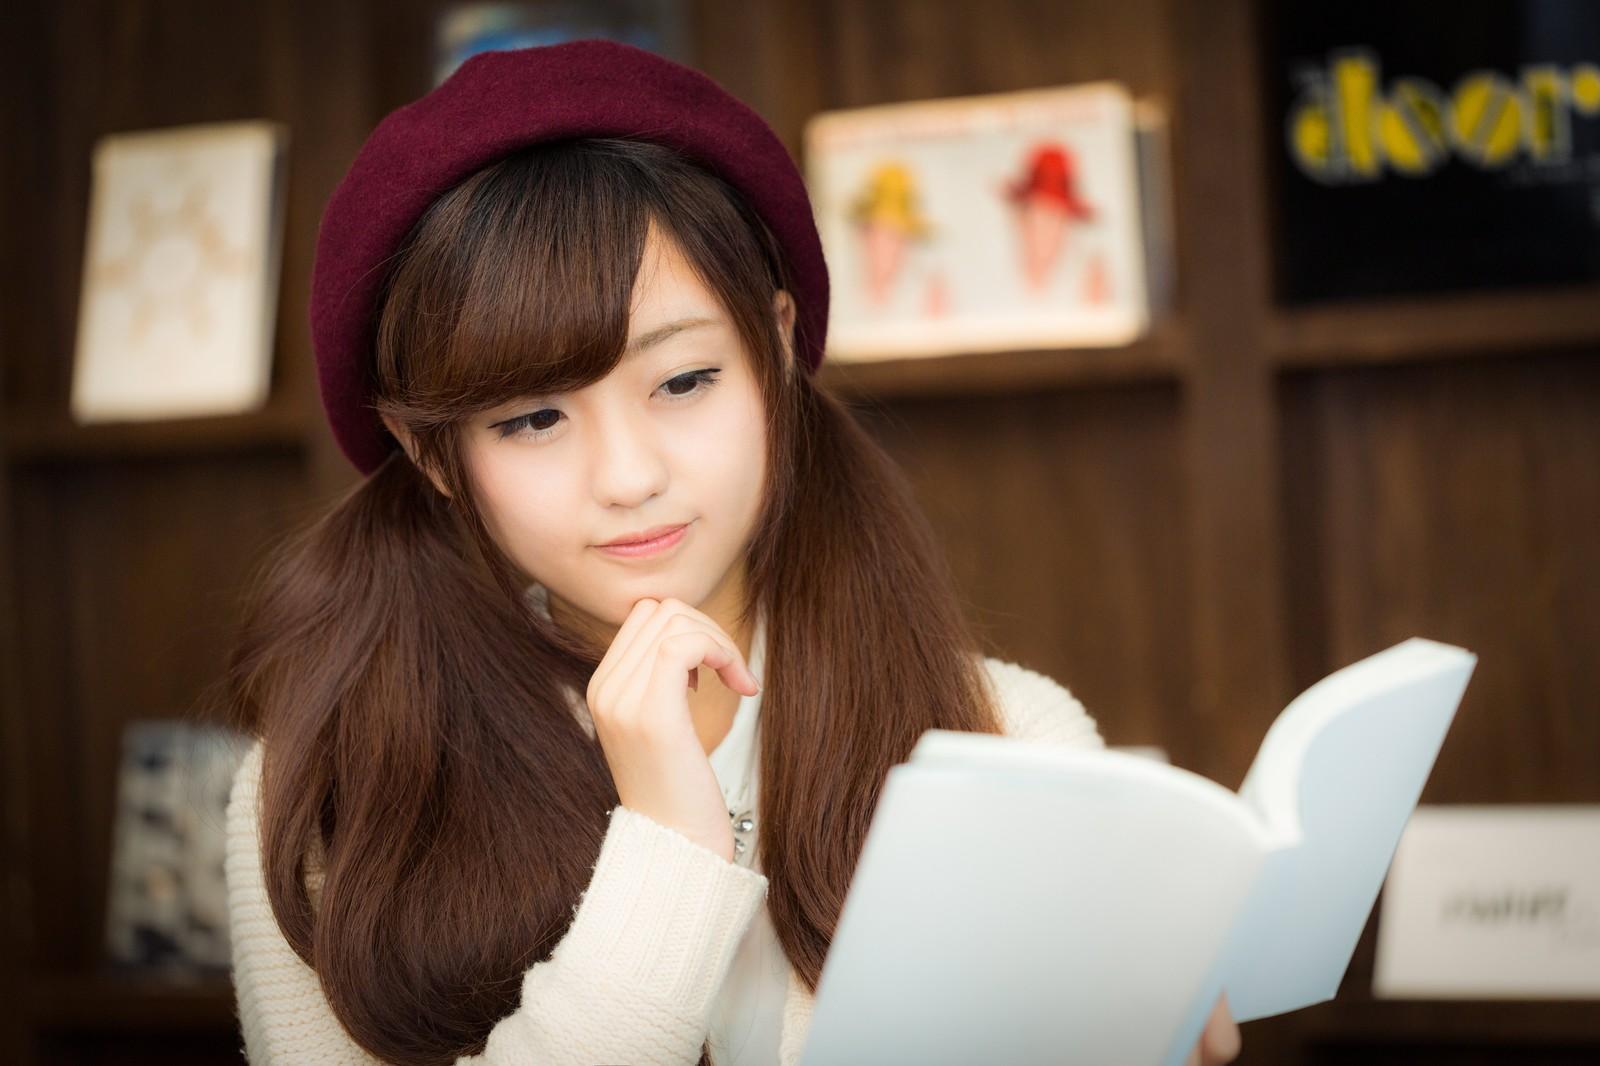 東川篤哉の推理小説がおもしろい!秋の夜長に読書はいかが?